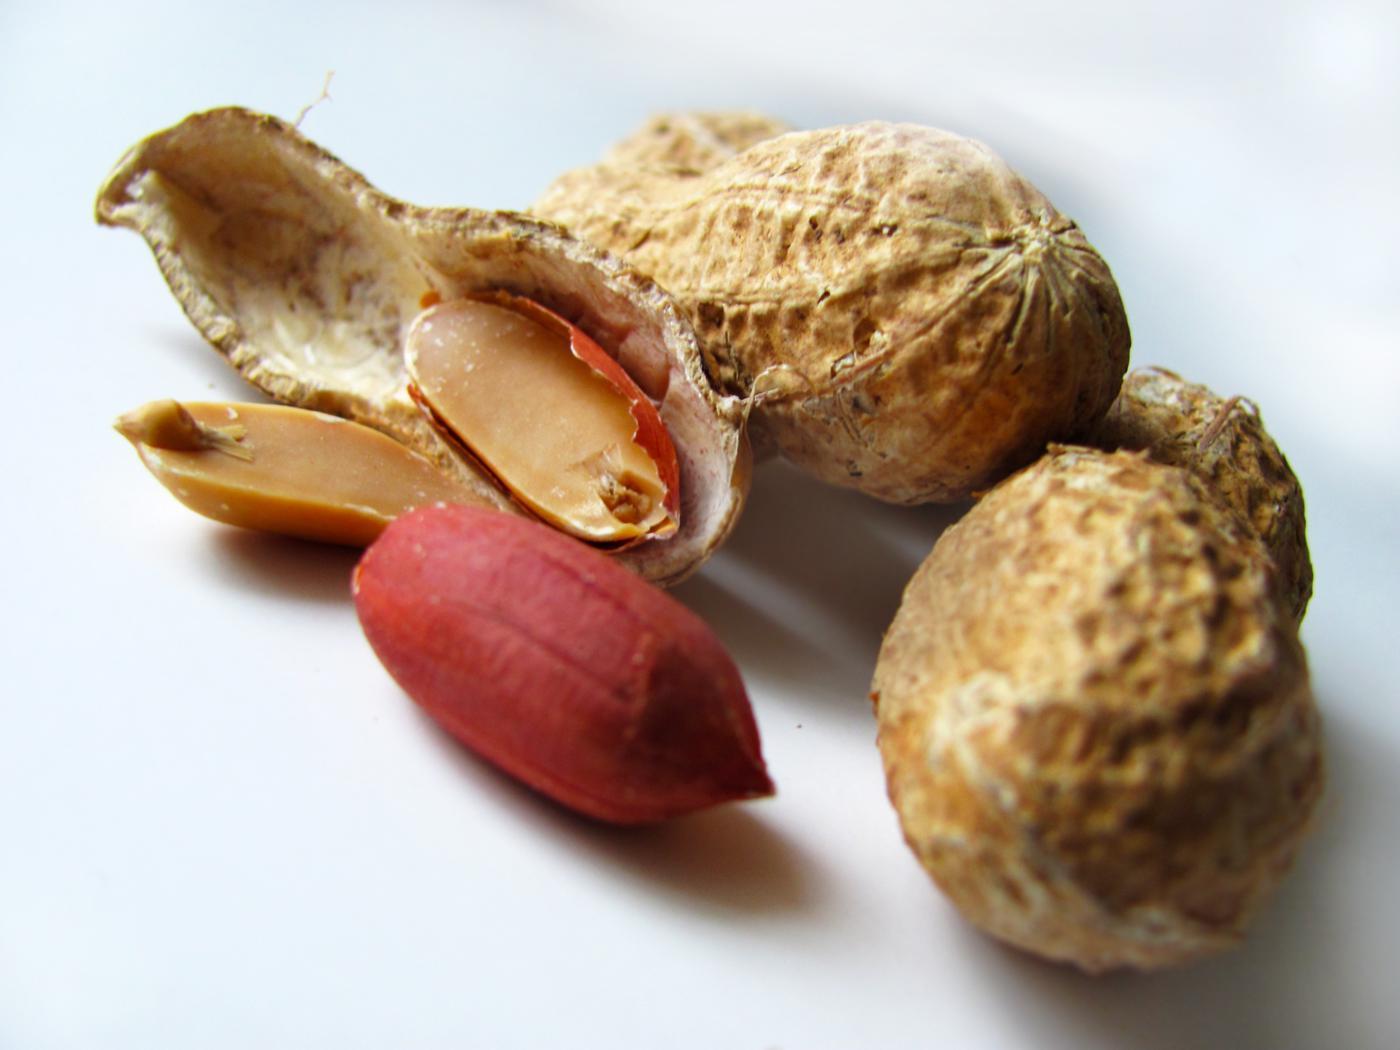 Ler mais sobre Confira 10 benefícios do amendoim, mas não exagere na quantidade.